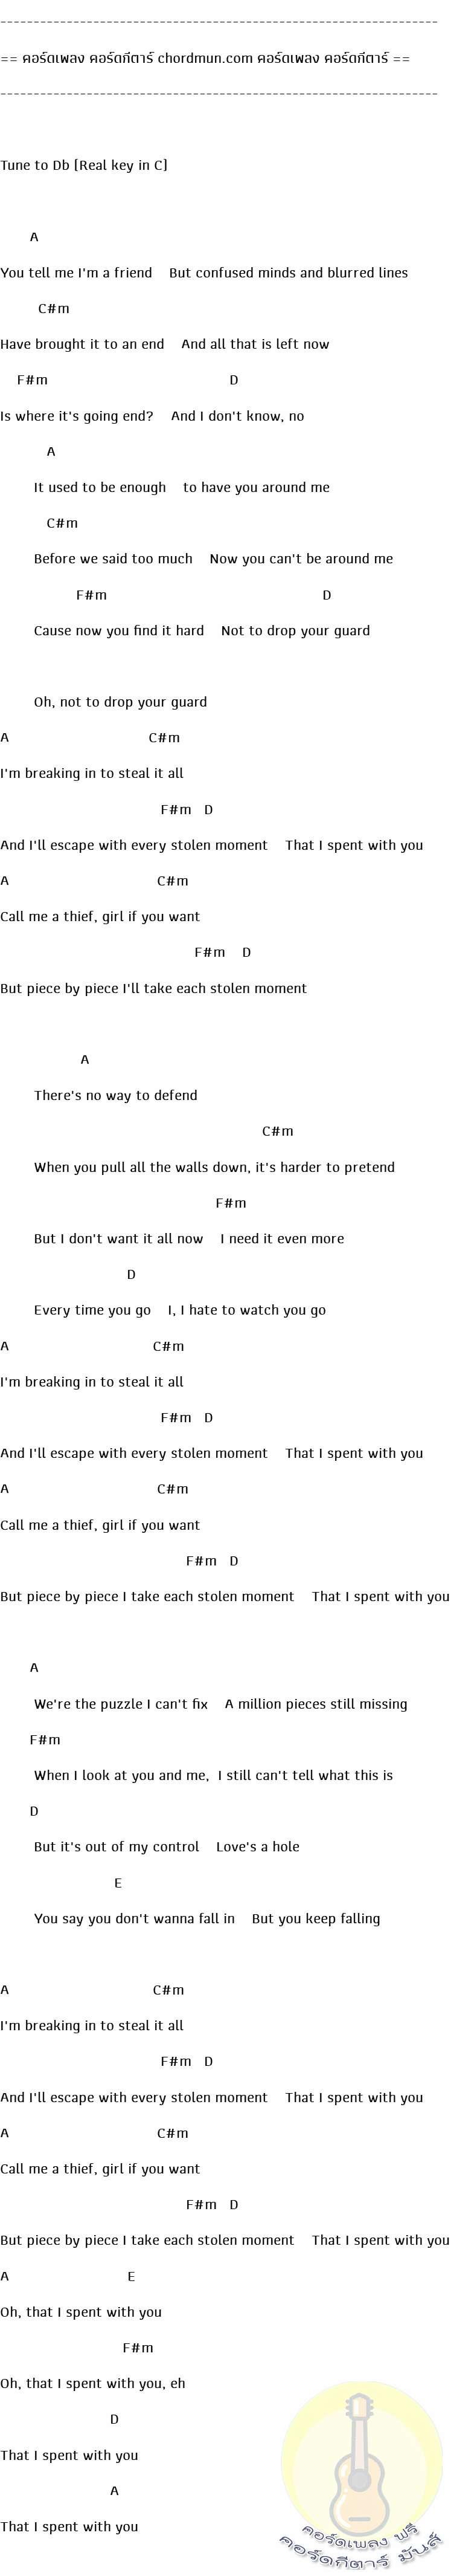 คอร์ดกีตาร์พื้นฐาน  เพลง Stolen Moments